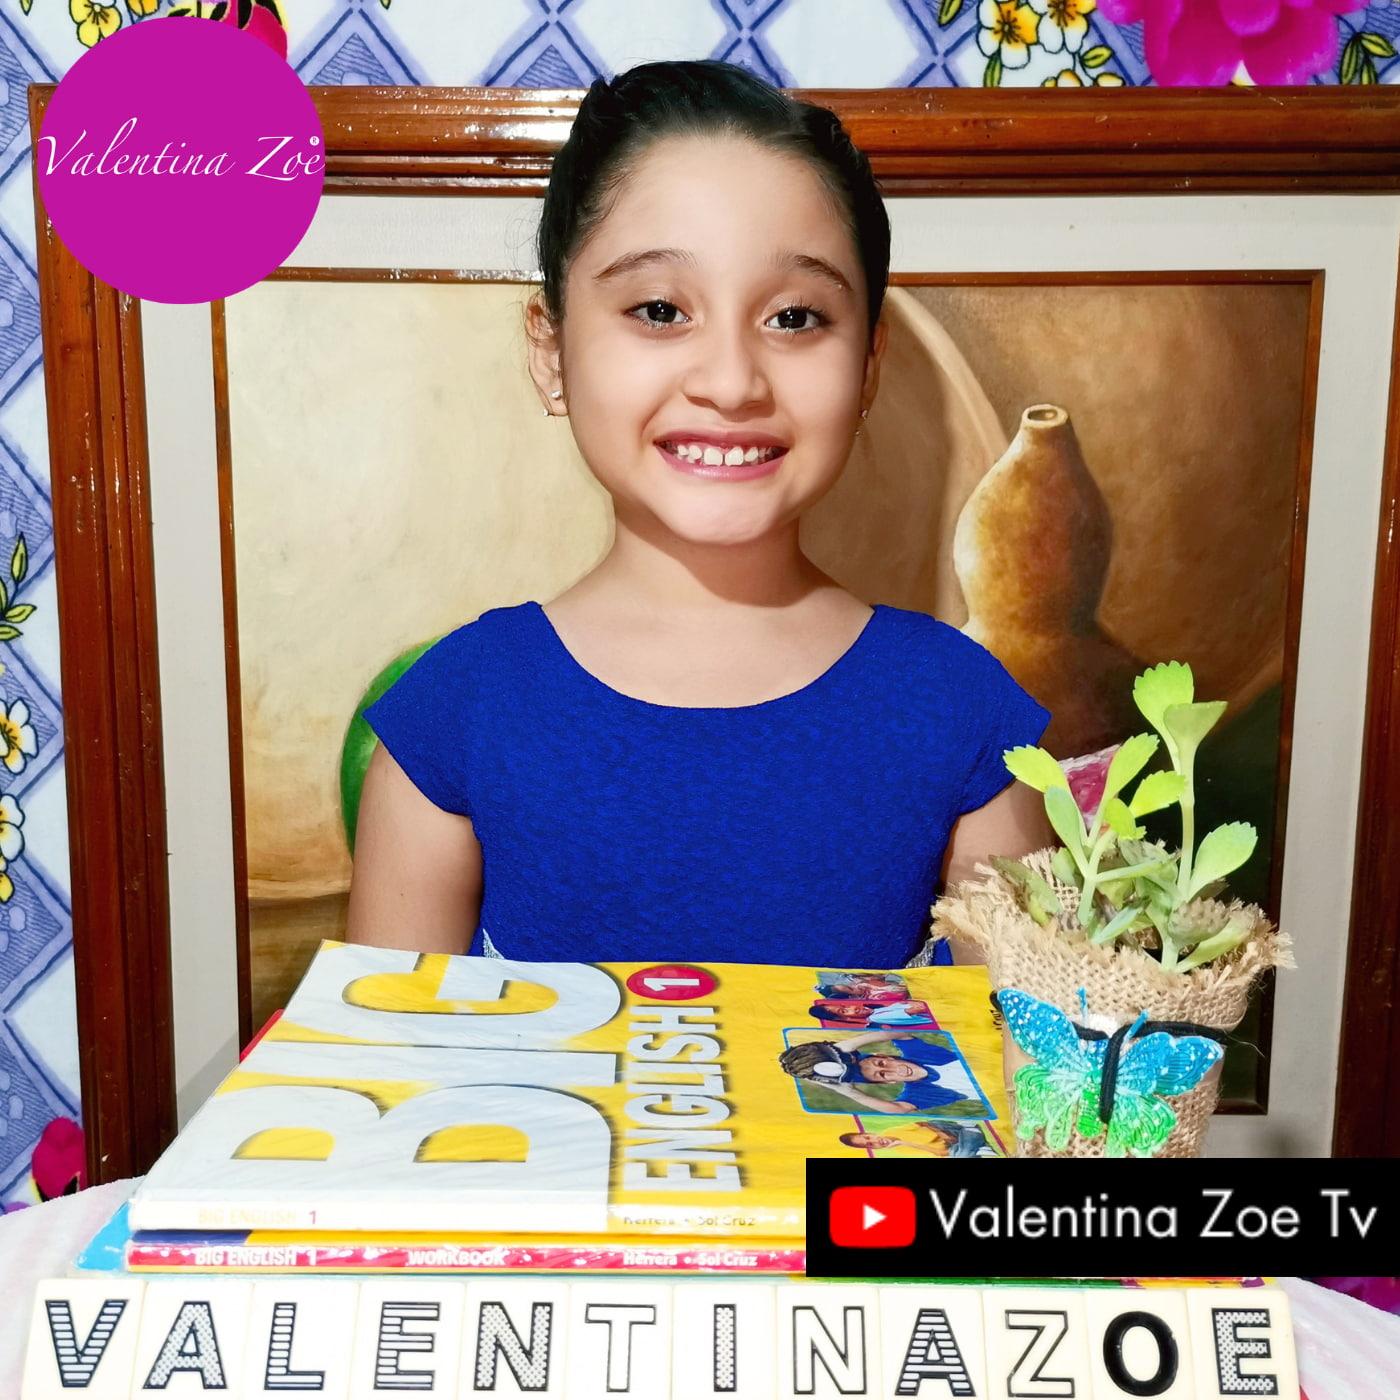 Valentina Zoe Tv Cómo Tú Roque Dalton